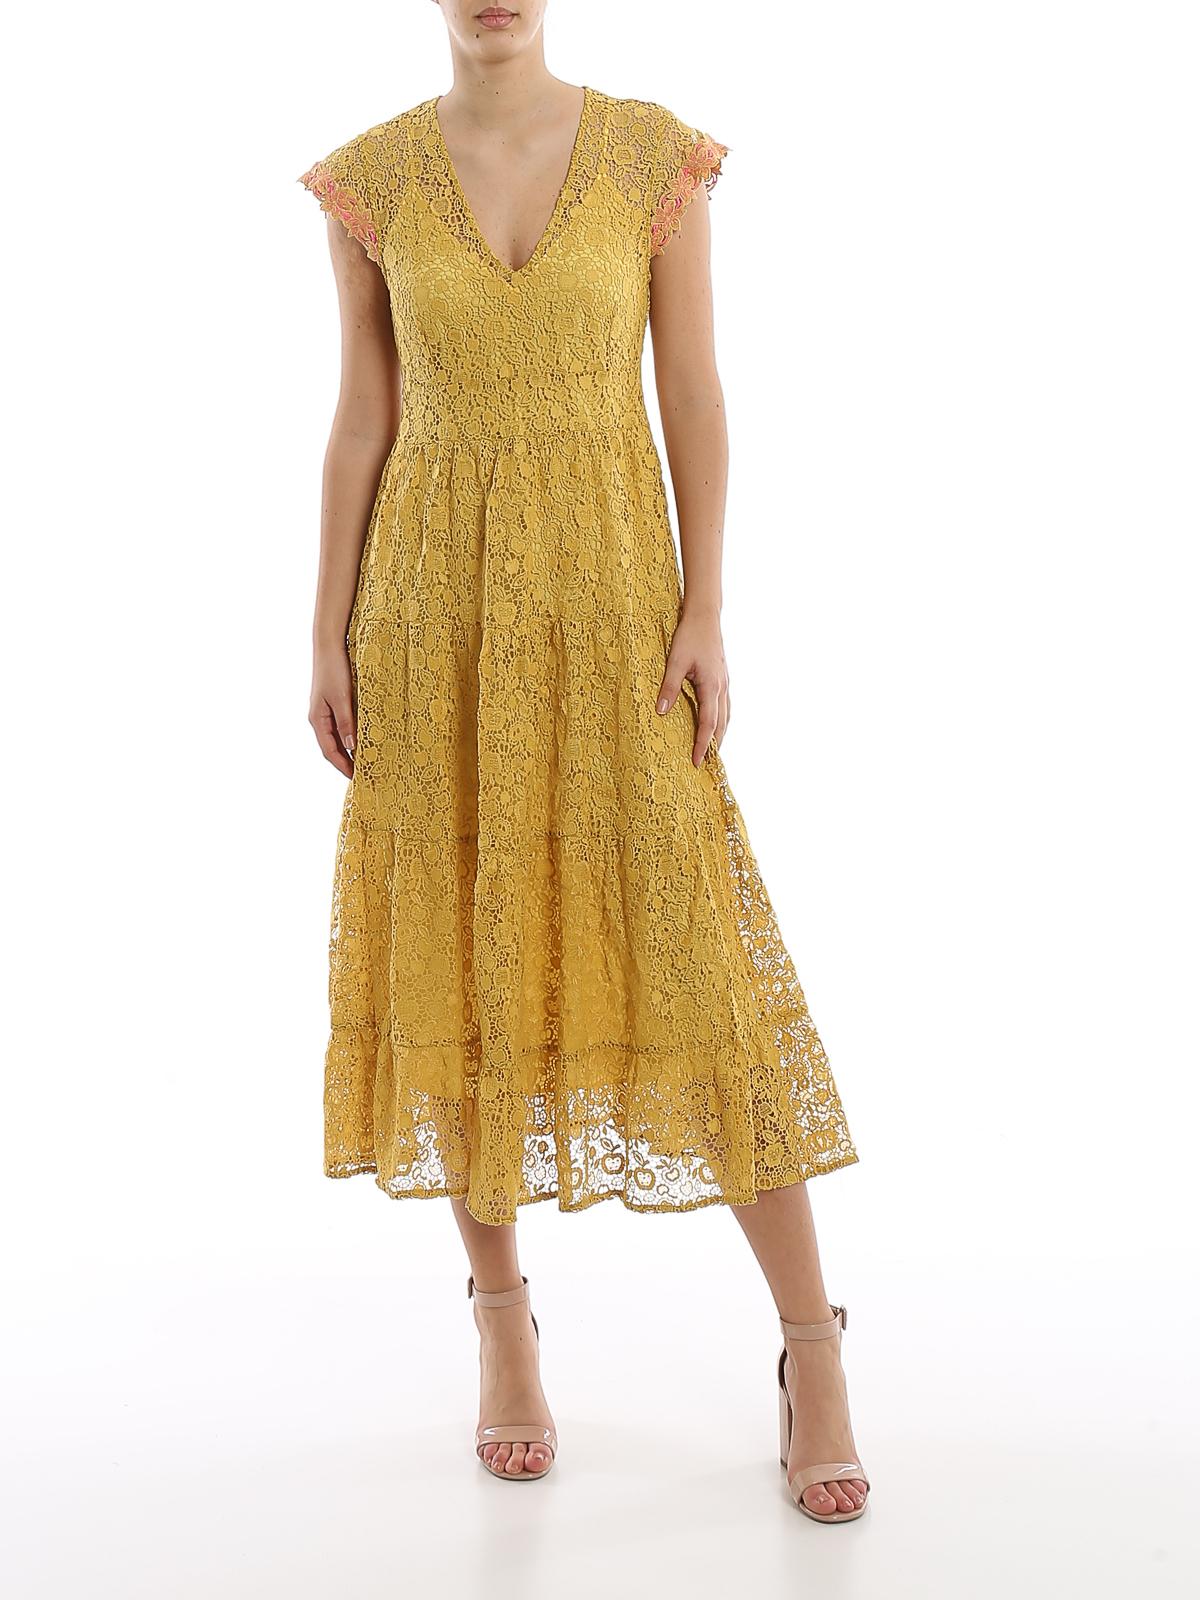 pinko - knielanges kleid - gelb - knielange kleider